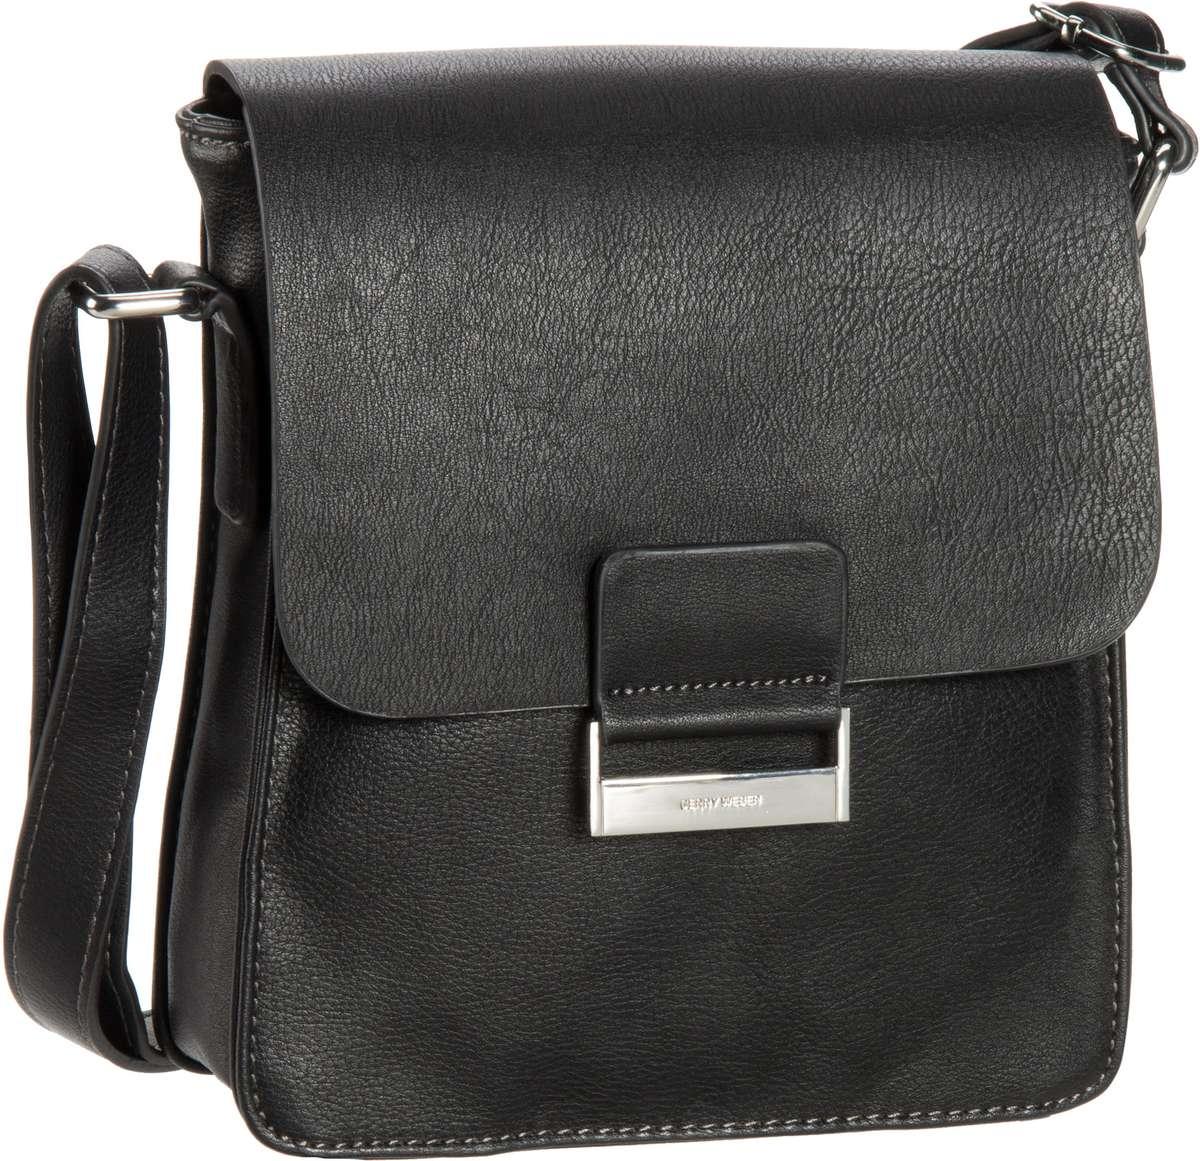 gerry weber handtaschen im outlet angebote kaufen handtaschenhaus. Black Bedroom Furniture Sets. Home Design Ideas